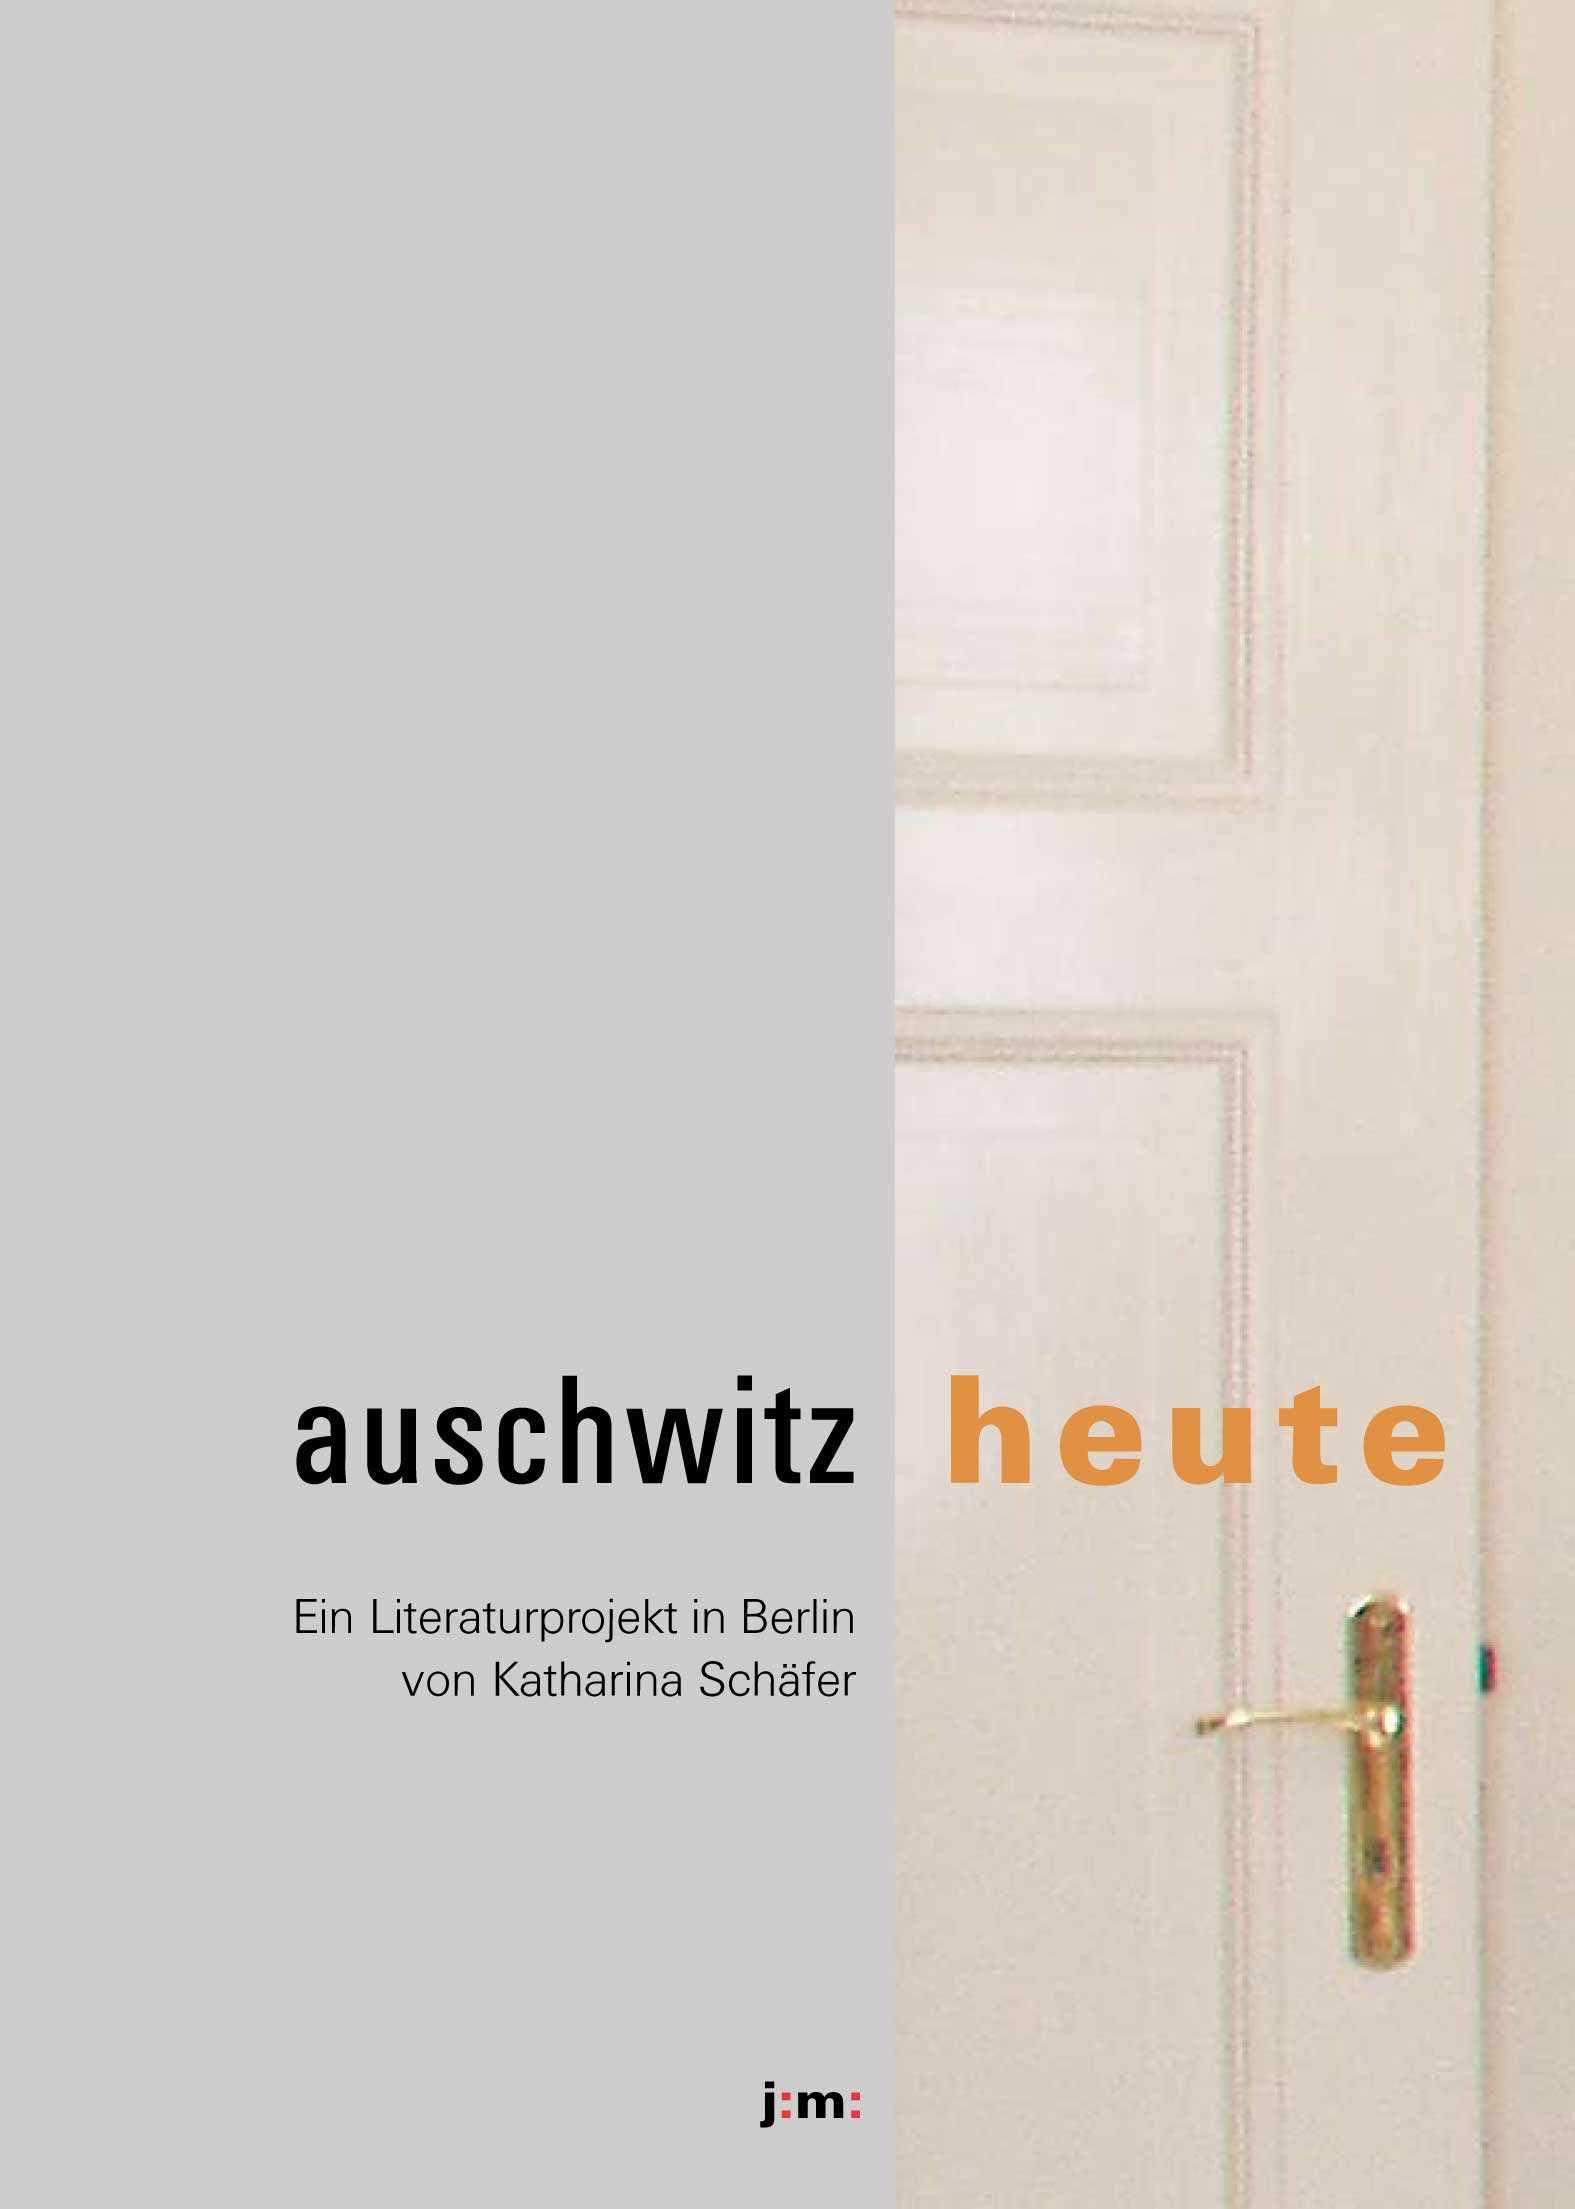 auschwitz : heute Katharina Schäfer